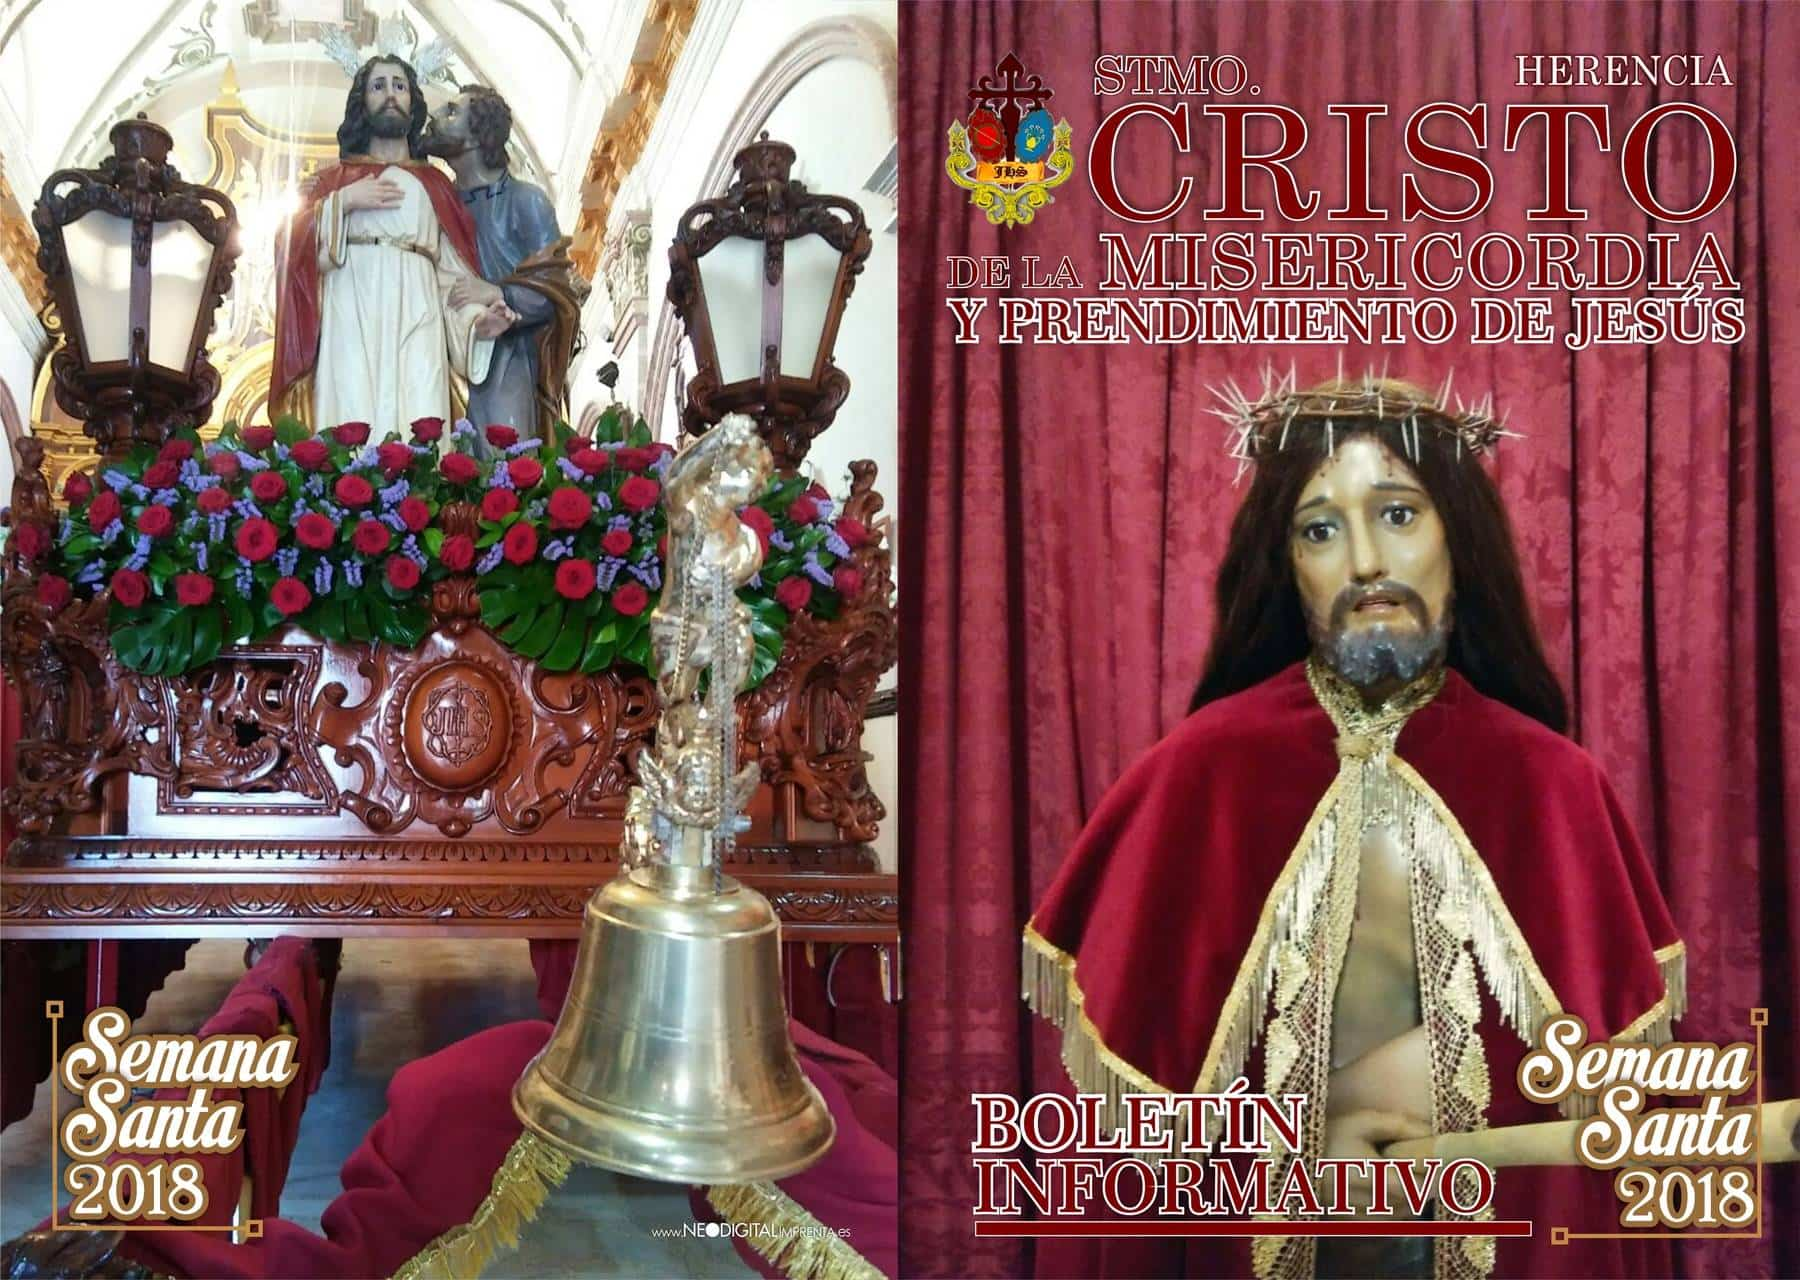 """2018 MISERICORDIA diptico semana santa 01 - Cambios en recorrido y horarios de Cofradía de """"El Cristo"""""""